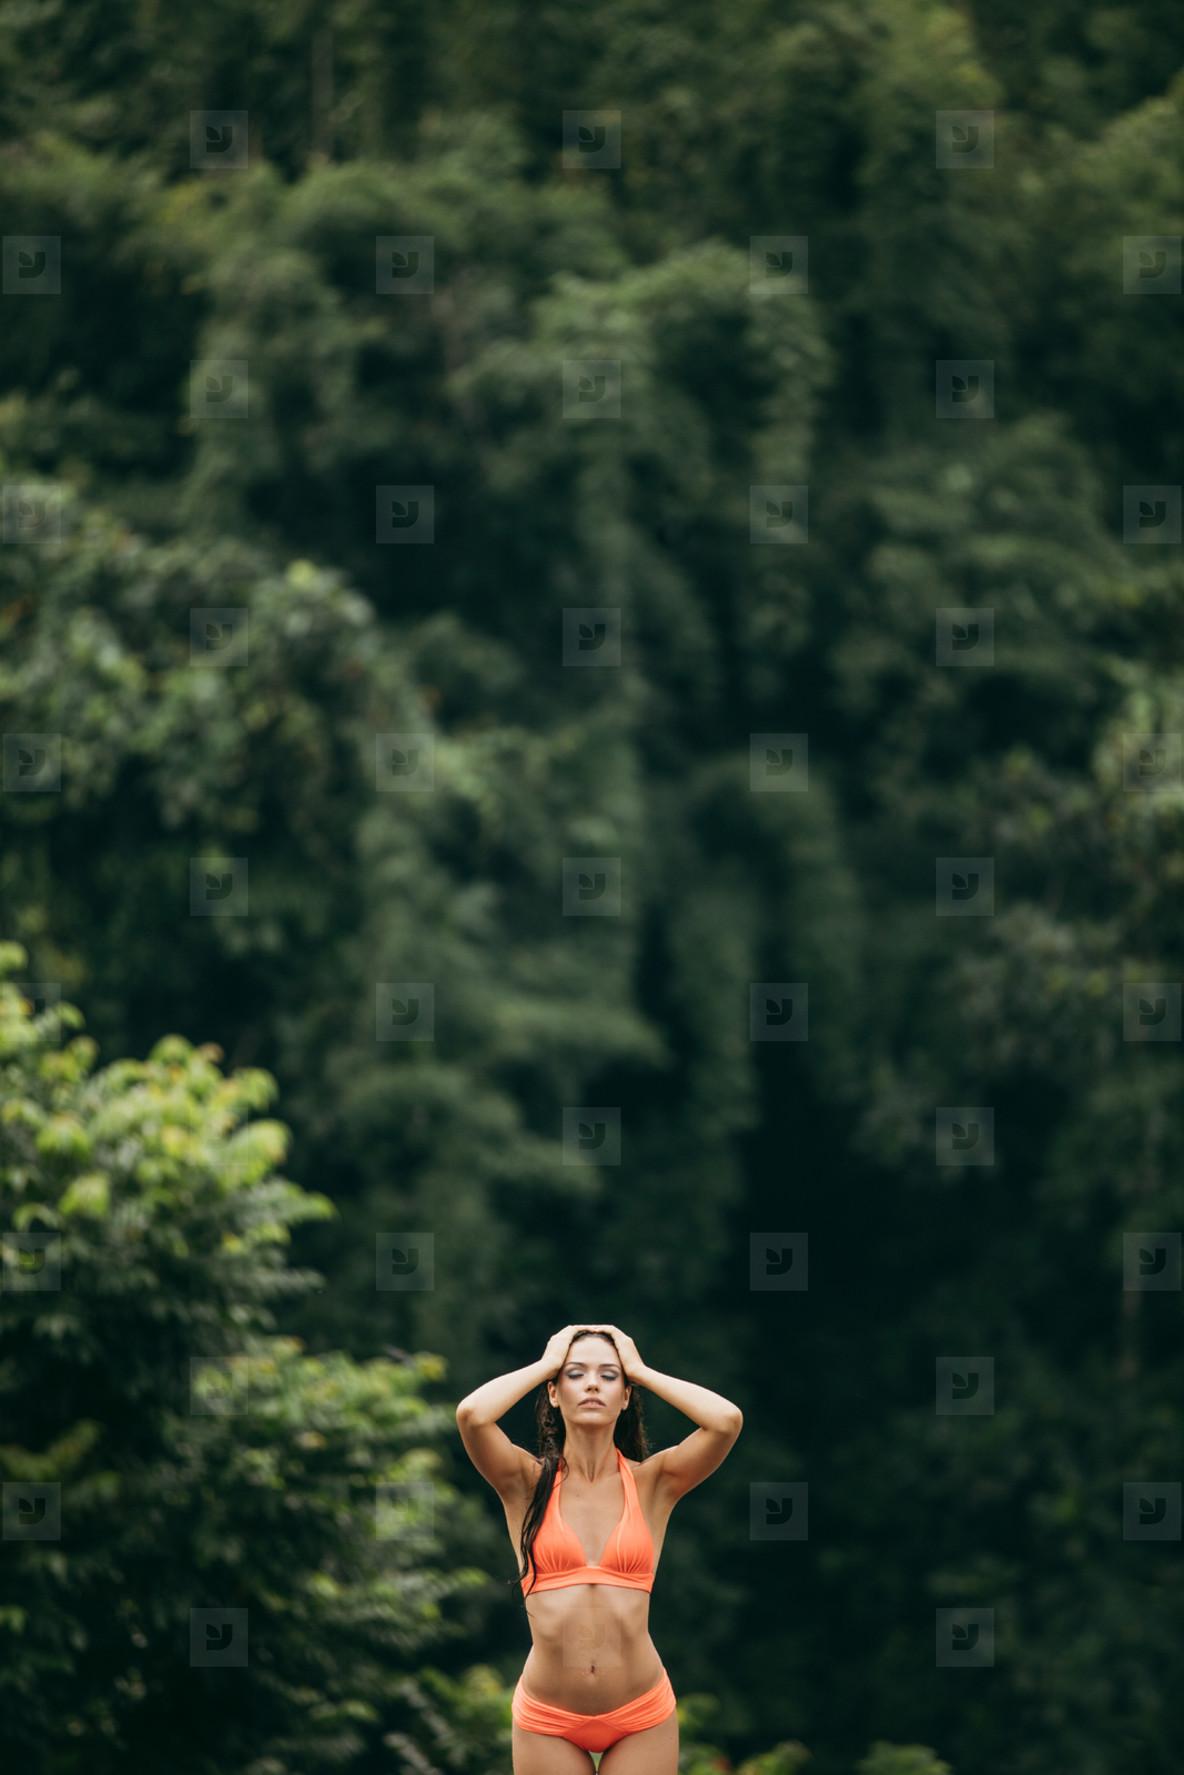 Beautiful Posing Bikini Woman Young In RL3j45Aq